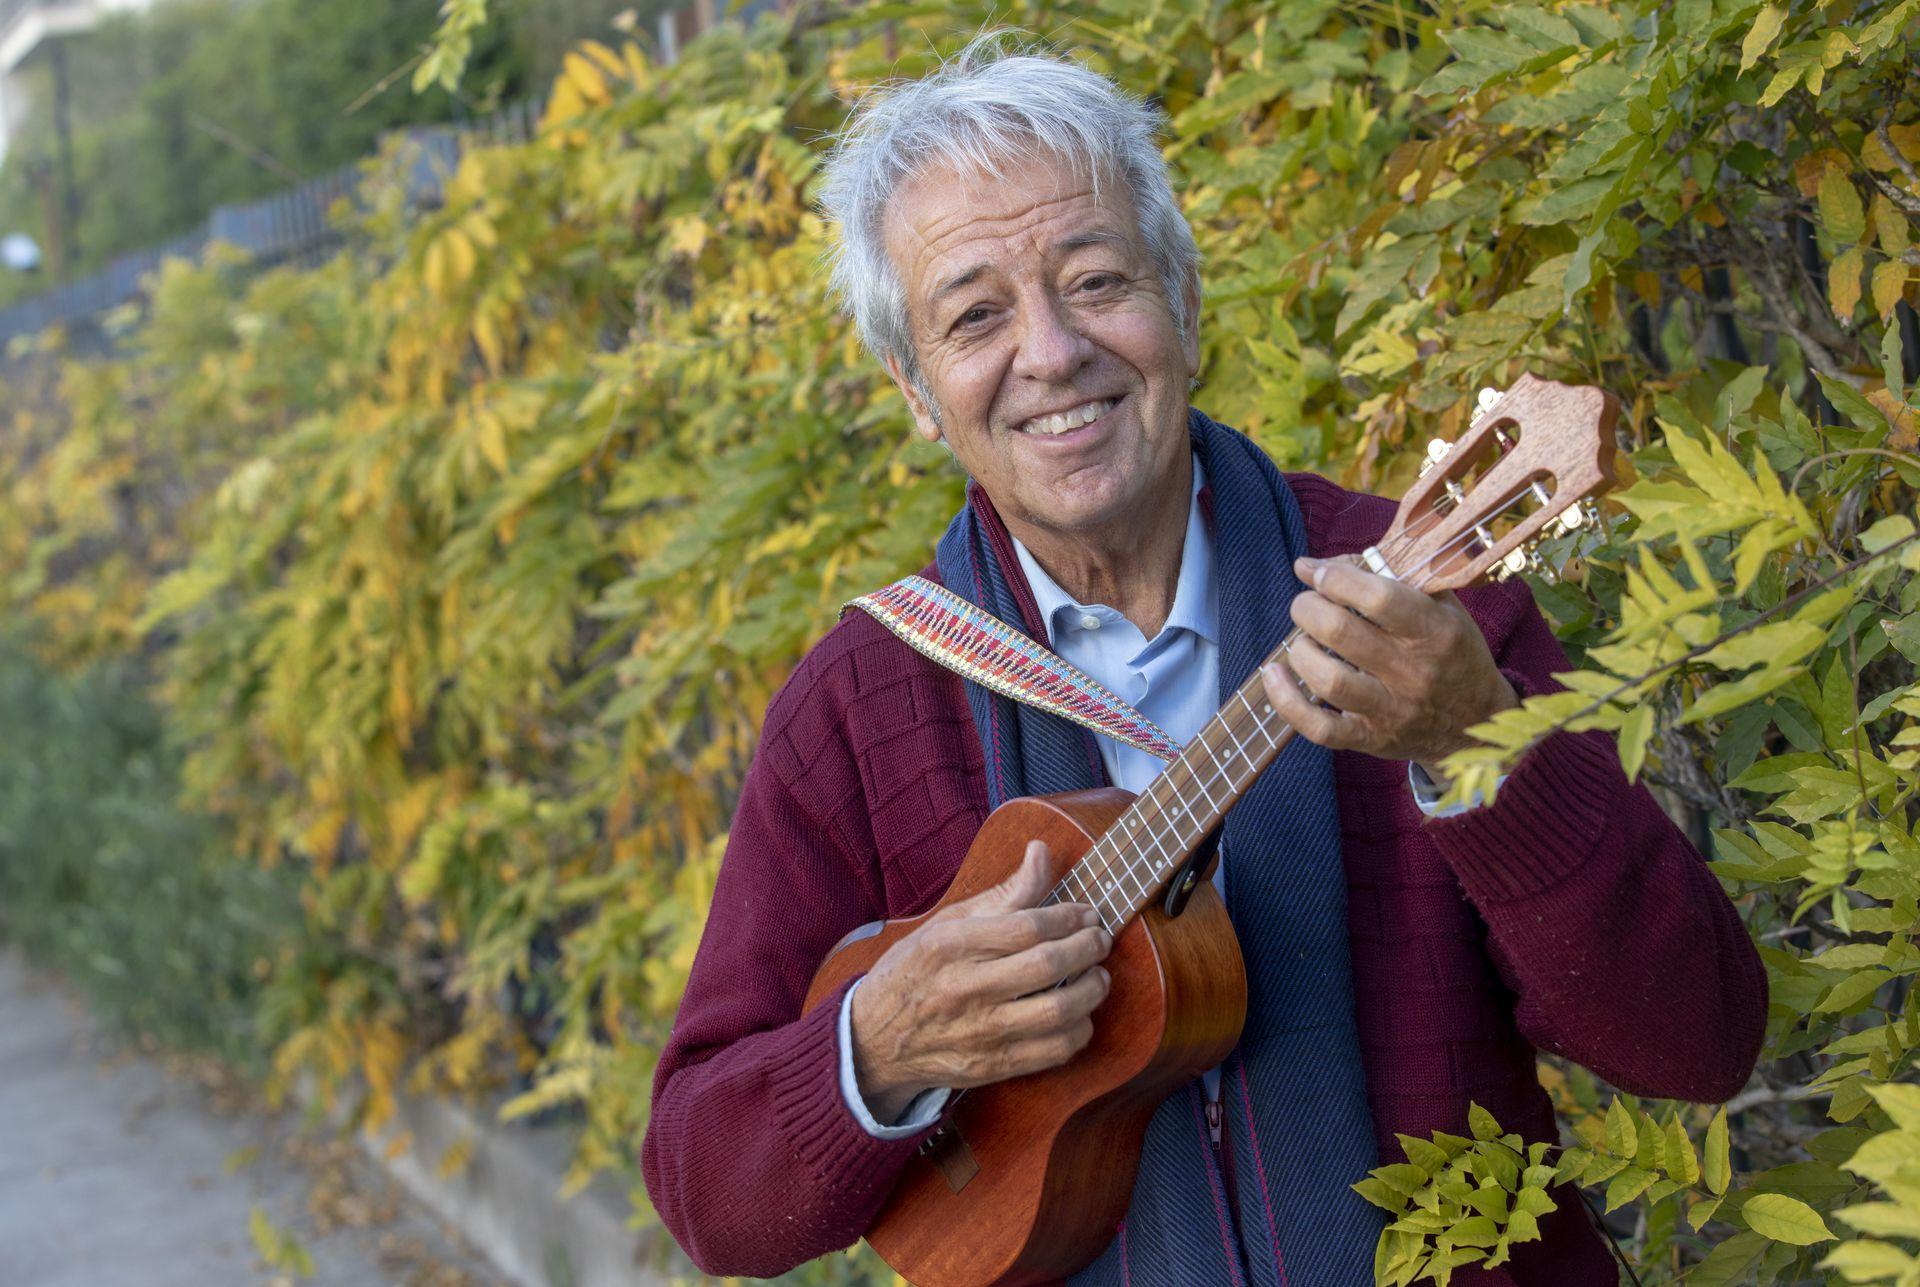 Donald es un cuidadoso coleccionista de instrumentos musicales, objetos que descansan en su casa de San Isidro